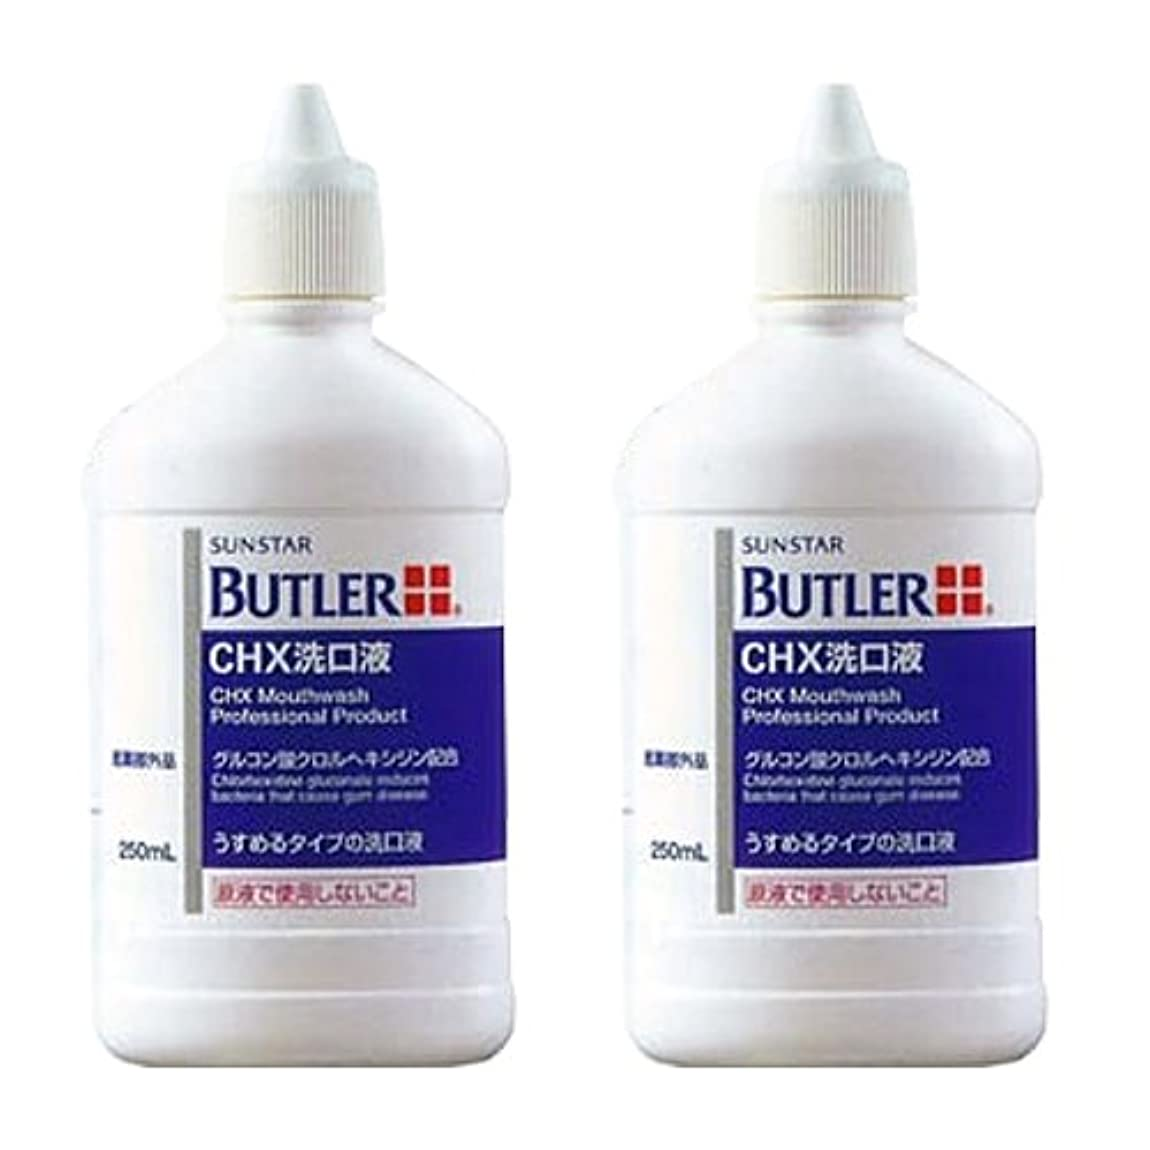 休戦骨死の顎サンスター バトラー CHX 洗口液 250ml × 2本 医薬部外品